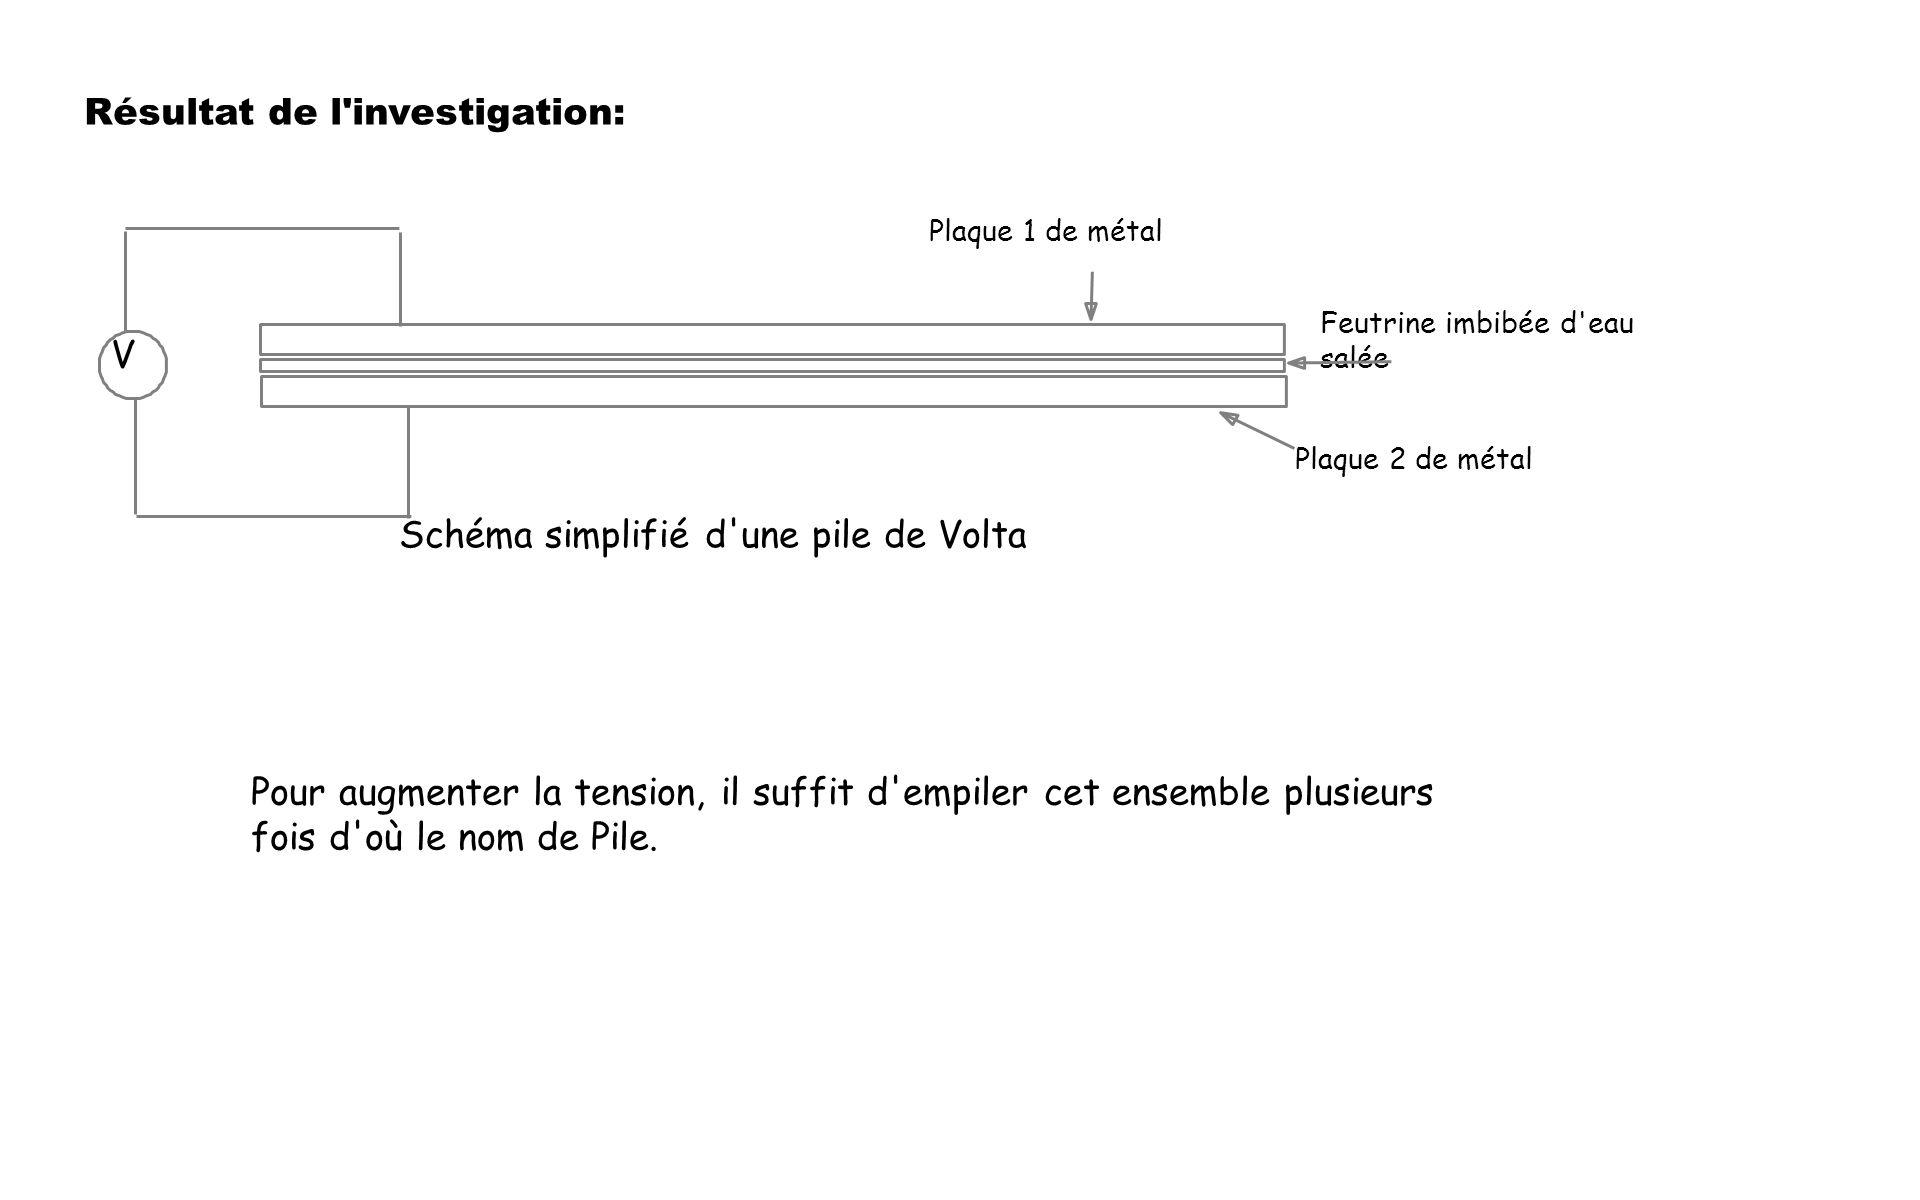 Schéma simplifié d'une pile de Volta Plaque 1 de métal Plaque 2 de métal Feutrine imbibée d'eau salée V Résultat de l'investigation: Pour augmenter la